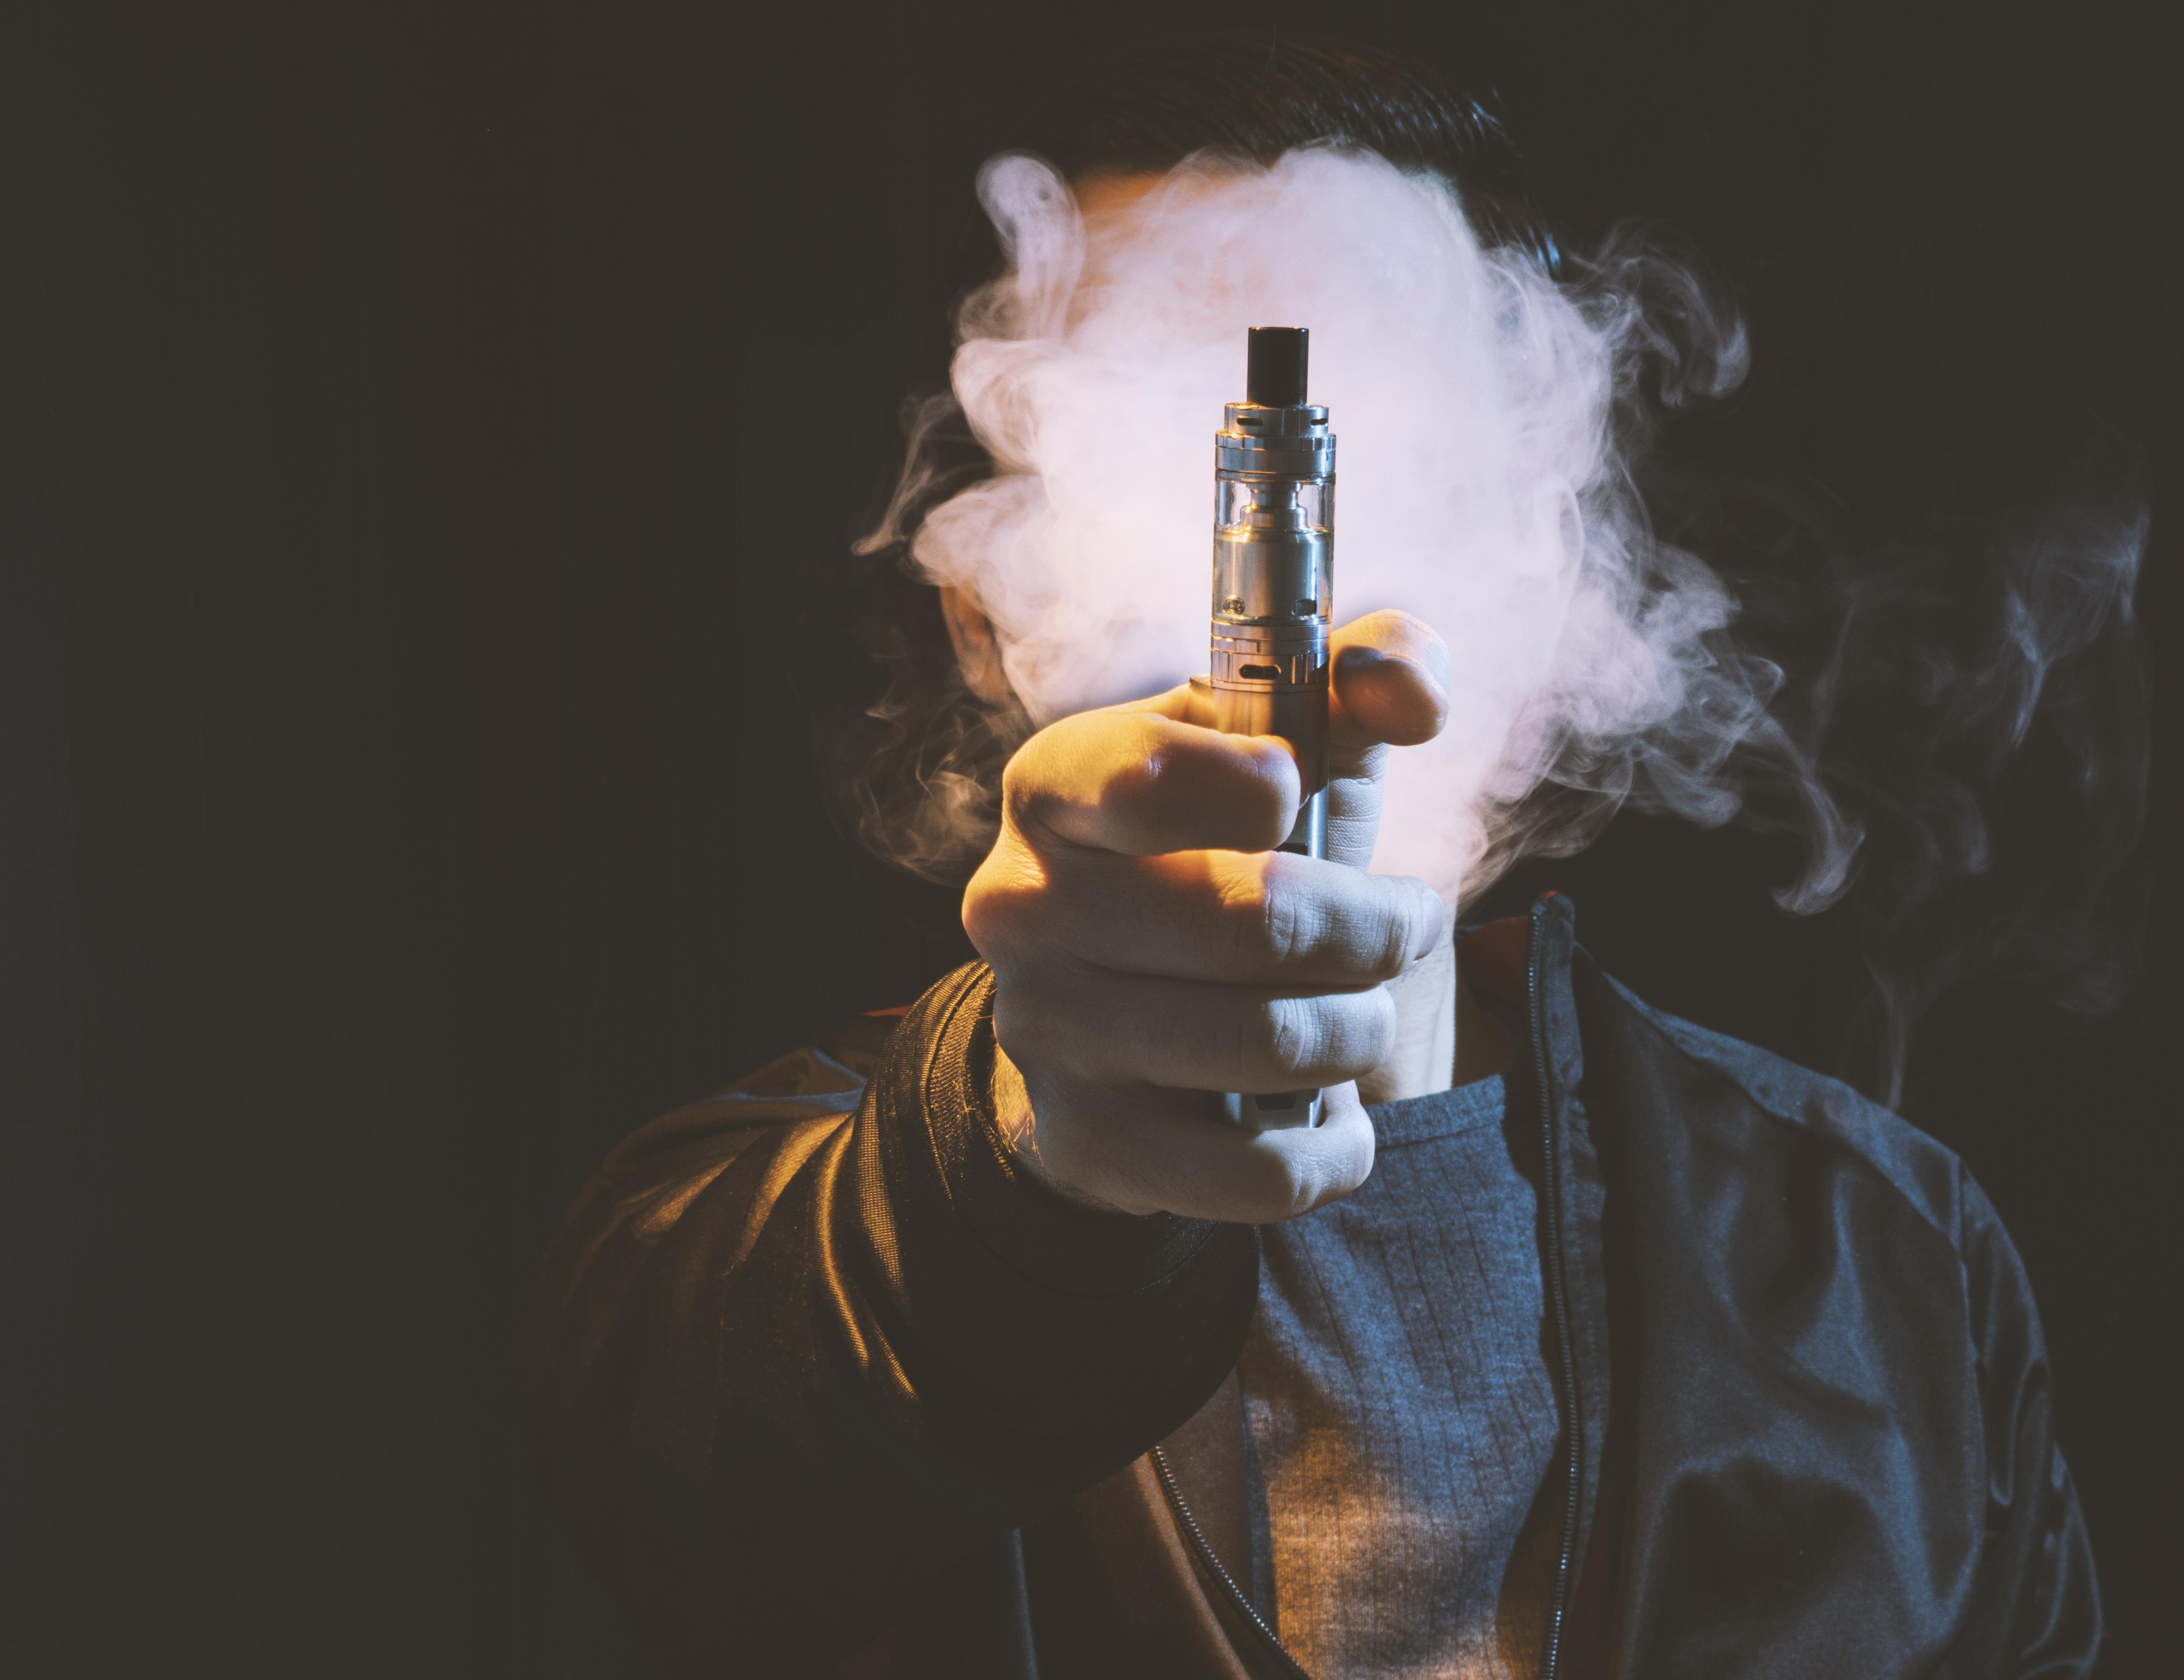 一词:电子烟的危害疑似变大,头部公司遭到美国政府调查